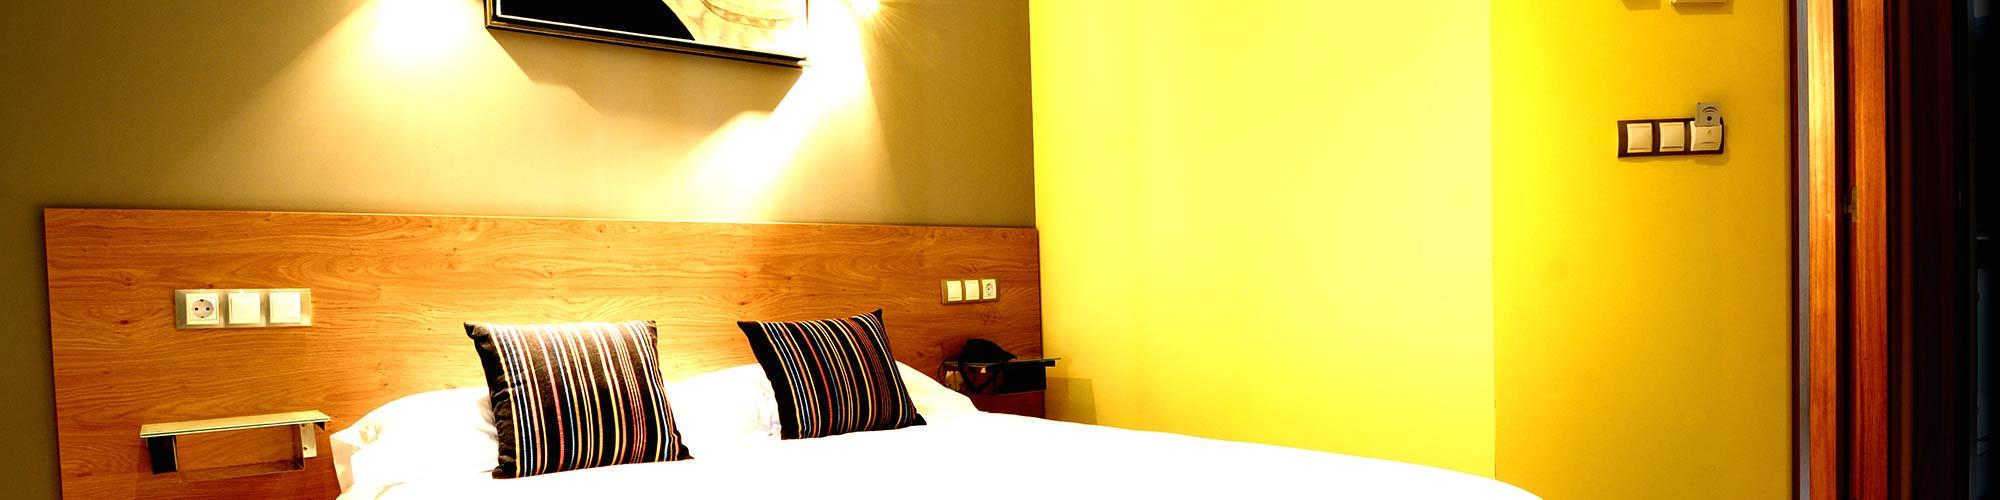 Resultado de imagen para habitacion de hotel